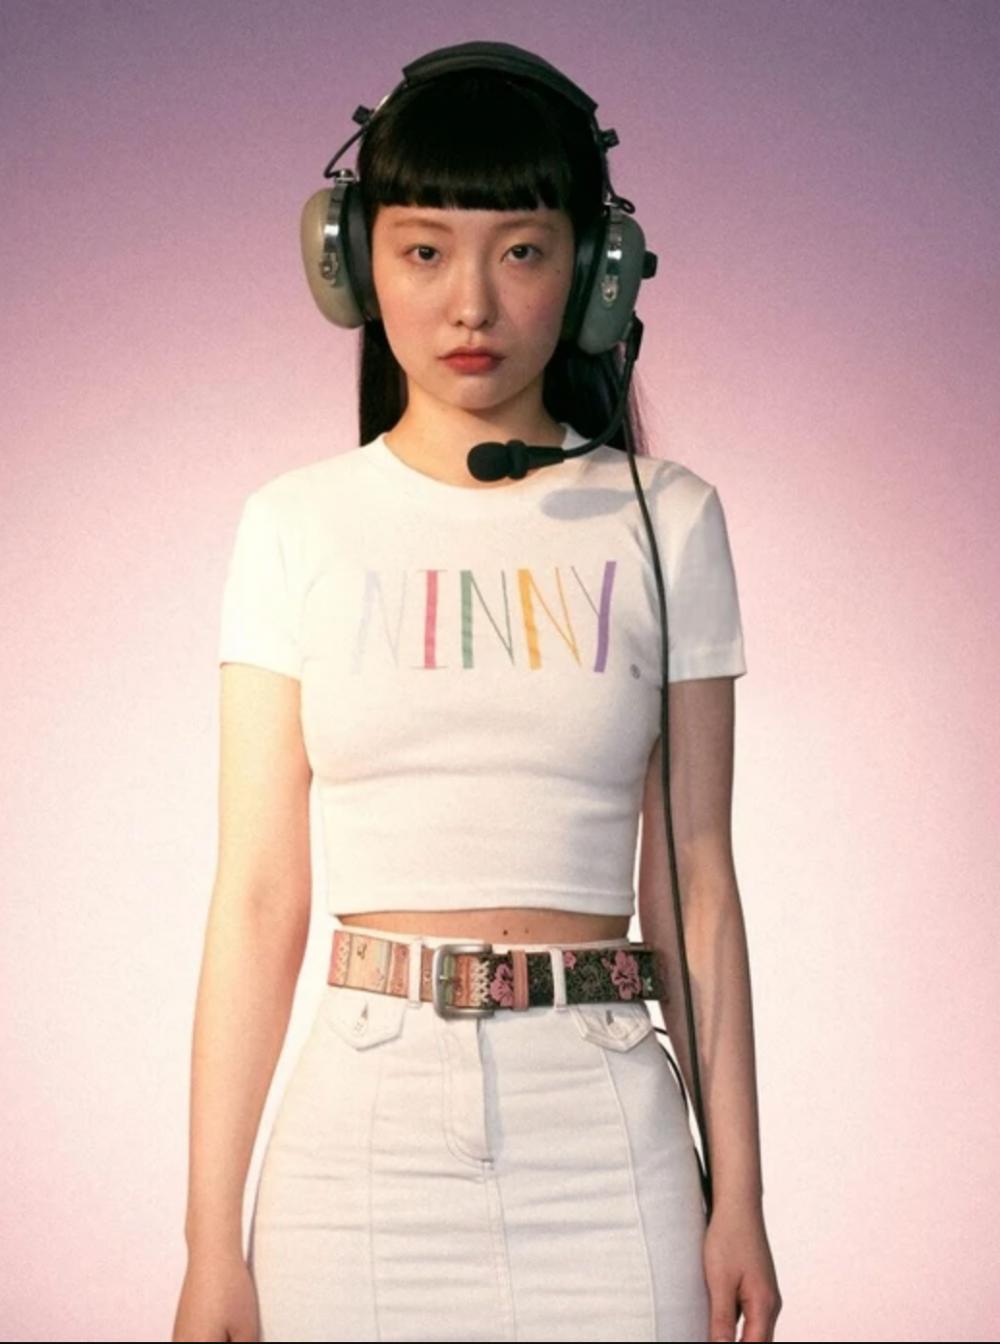 'Bóc' giá trang phục của các cô gái BLACKPINK trong bộ ảnh 'Nhật kí mùa hè 2020 tại Seoul' Ảnh 7